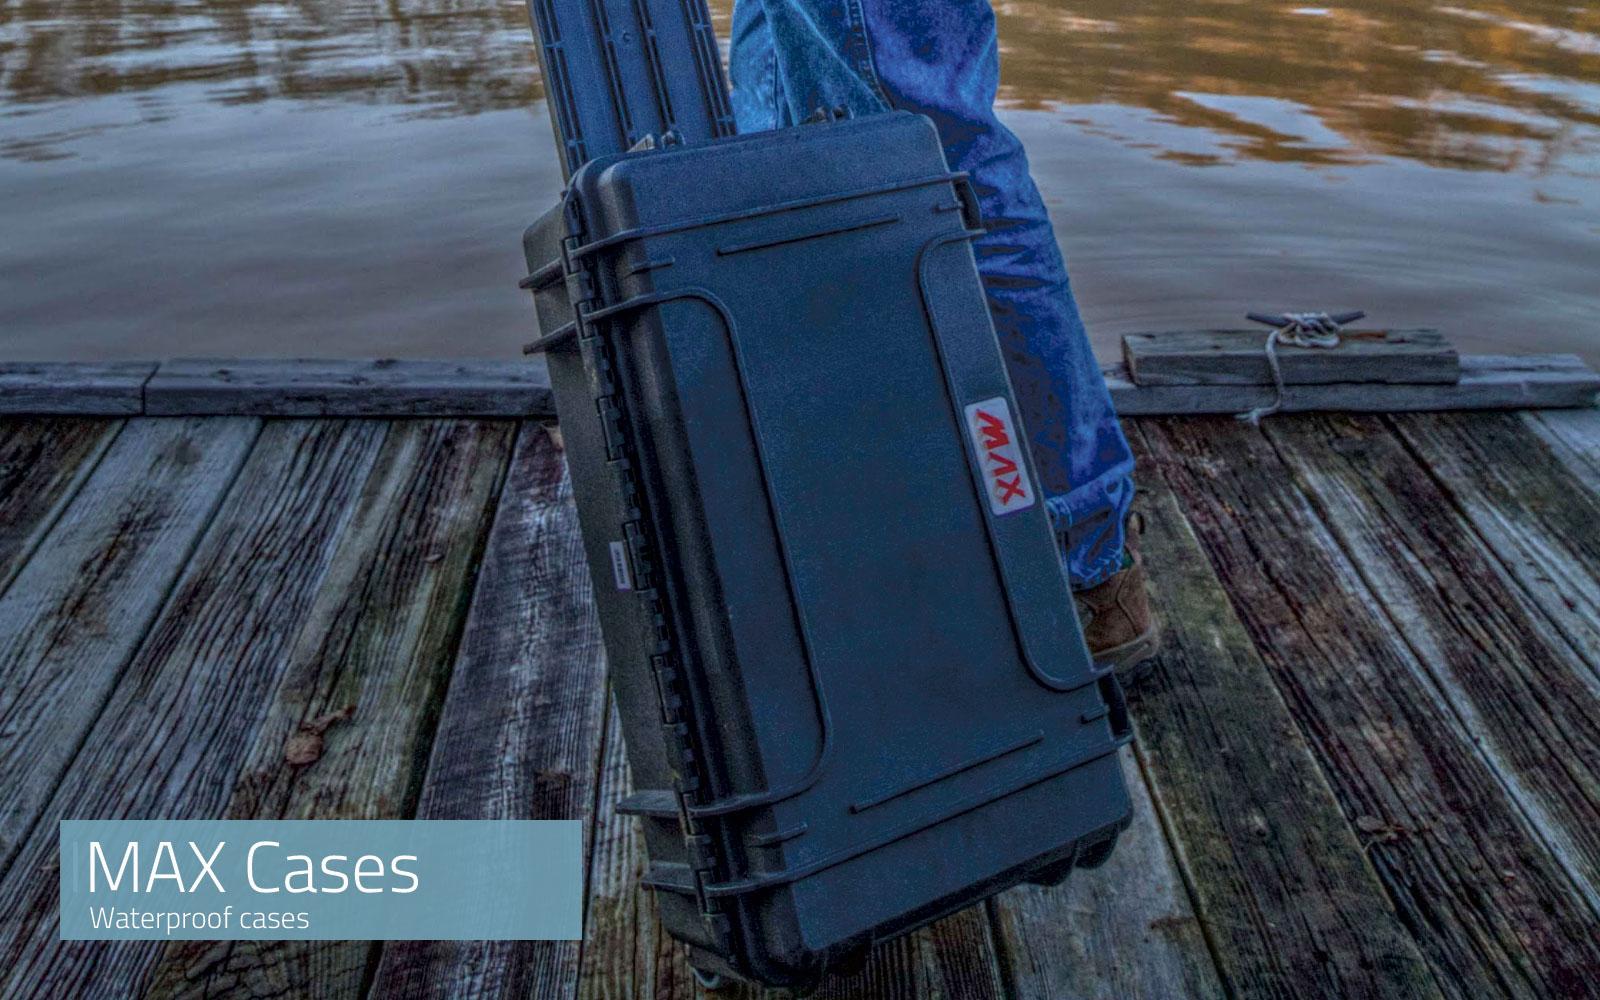 MAX Cases